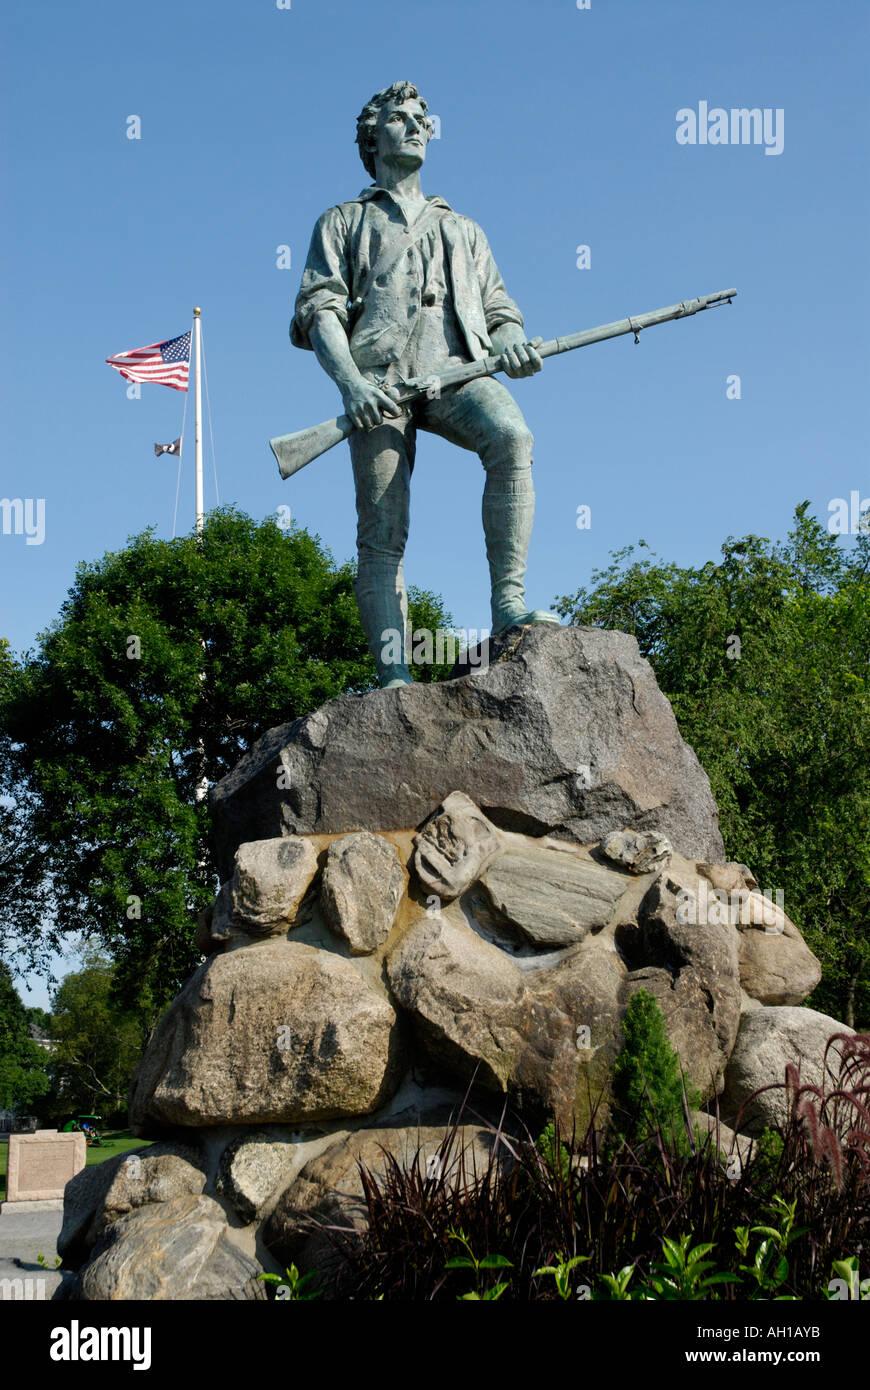 Estatua Memorial del capitán John Parker en Lexington Battle Green sitio del comienzo de la Revolución Americana Foto de stock